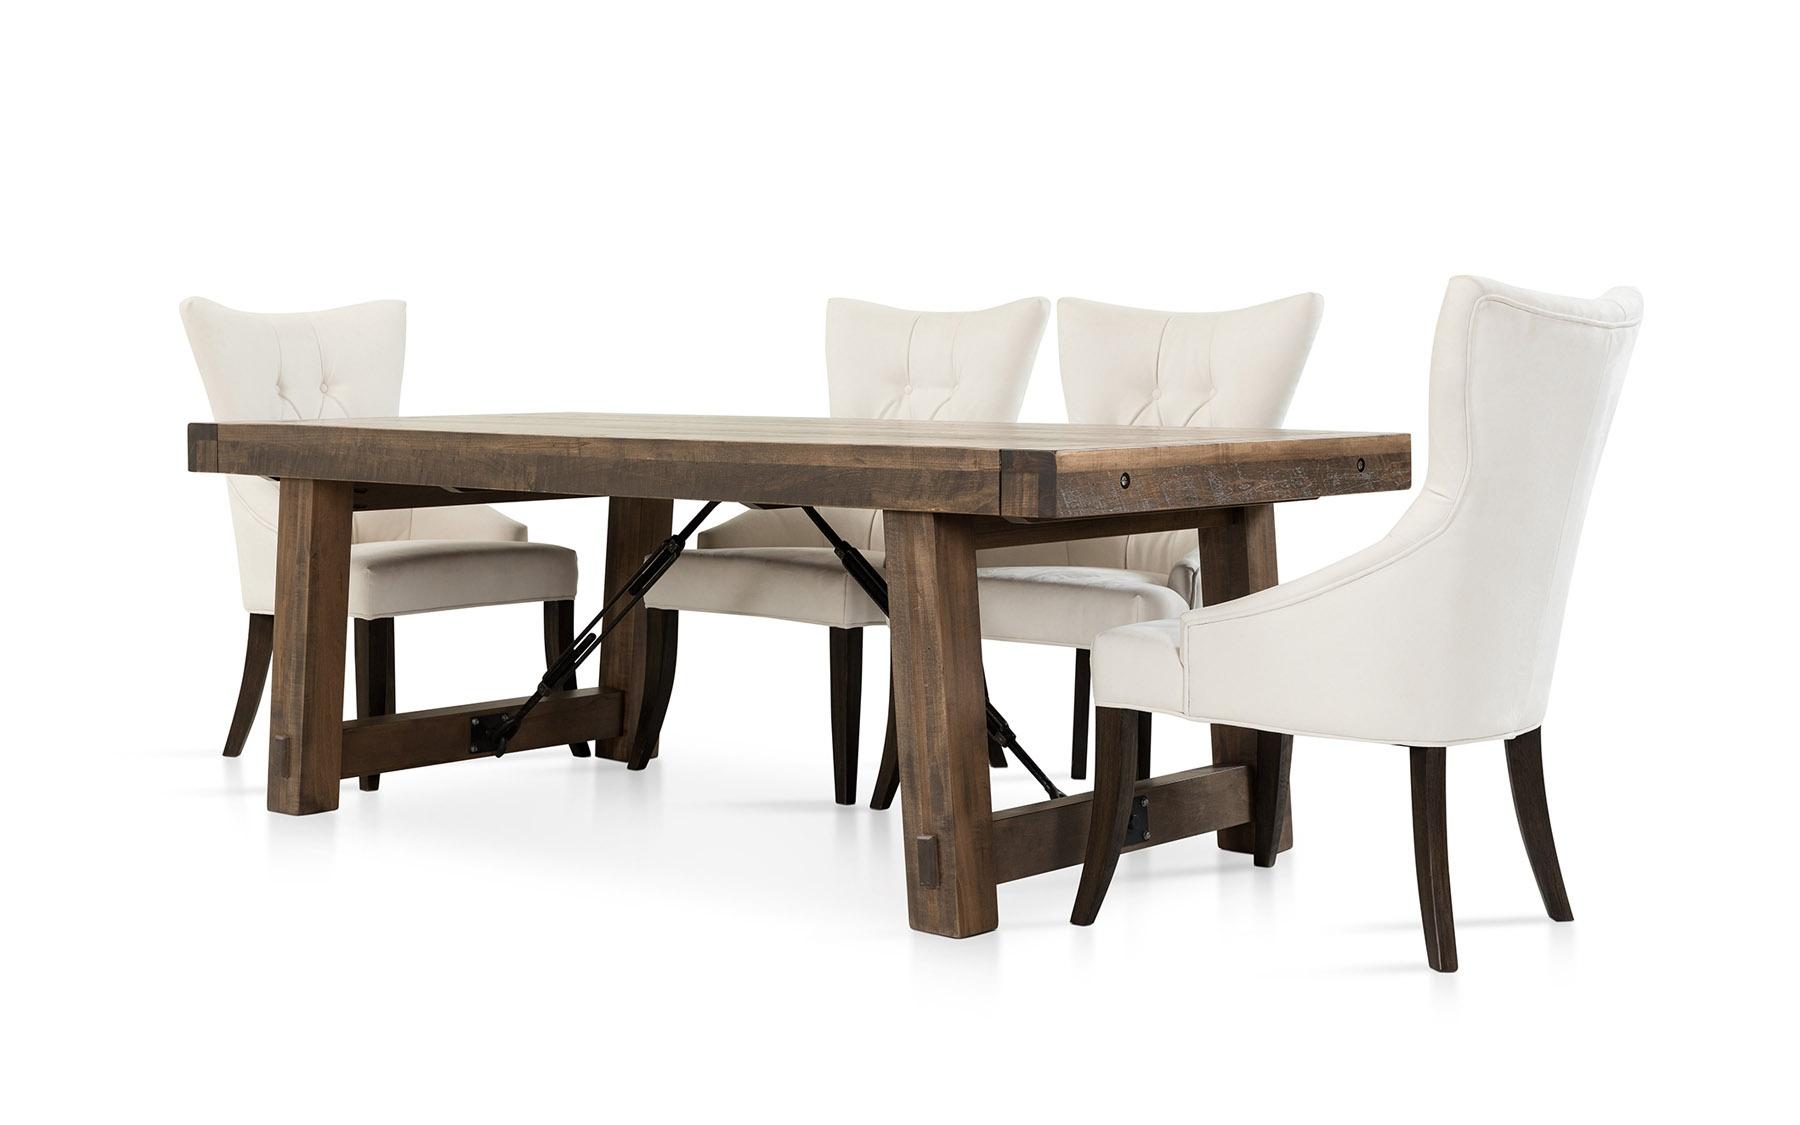 Table 42 x84 cl598 tables salles manger la galerie for Galerie du meuble